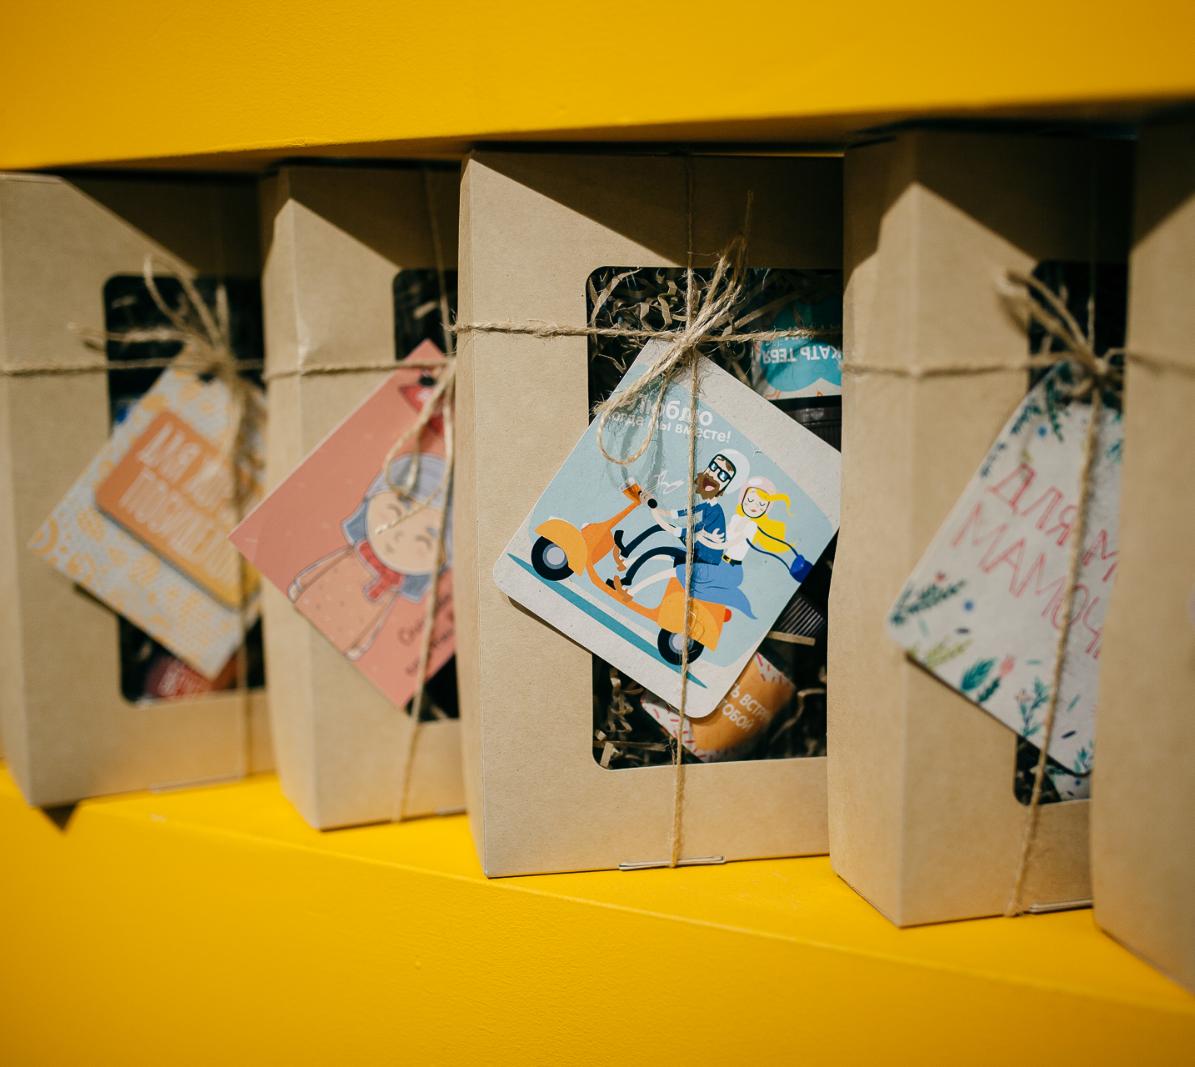 Крафт-наборы чаяПодарочный набор - ассорти смешанных чаев, 5 пожеланий в одном наборе.